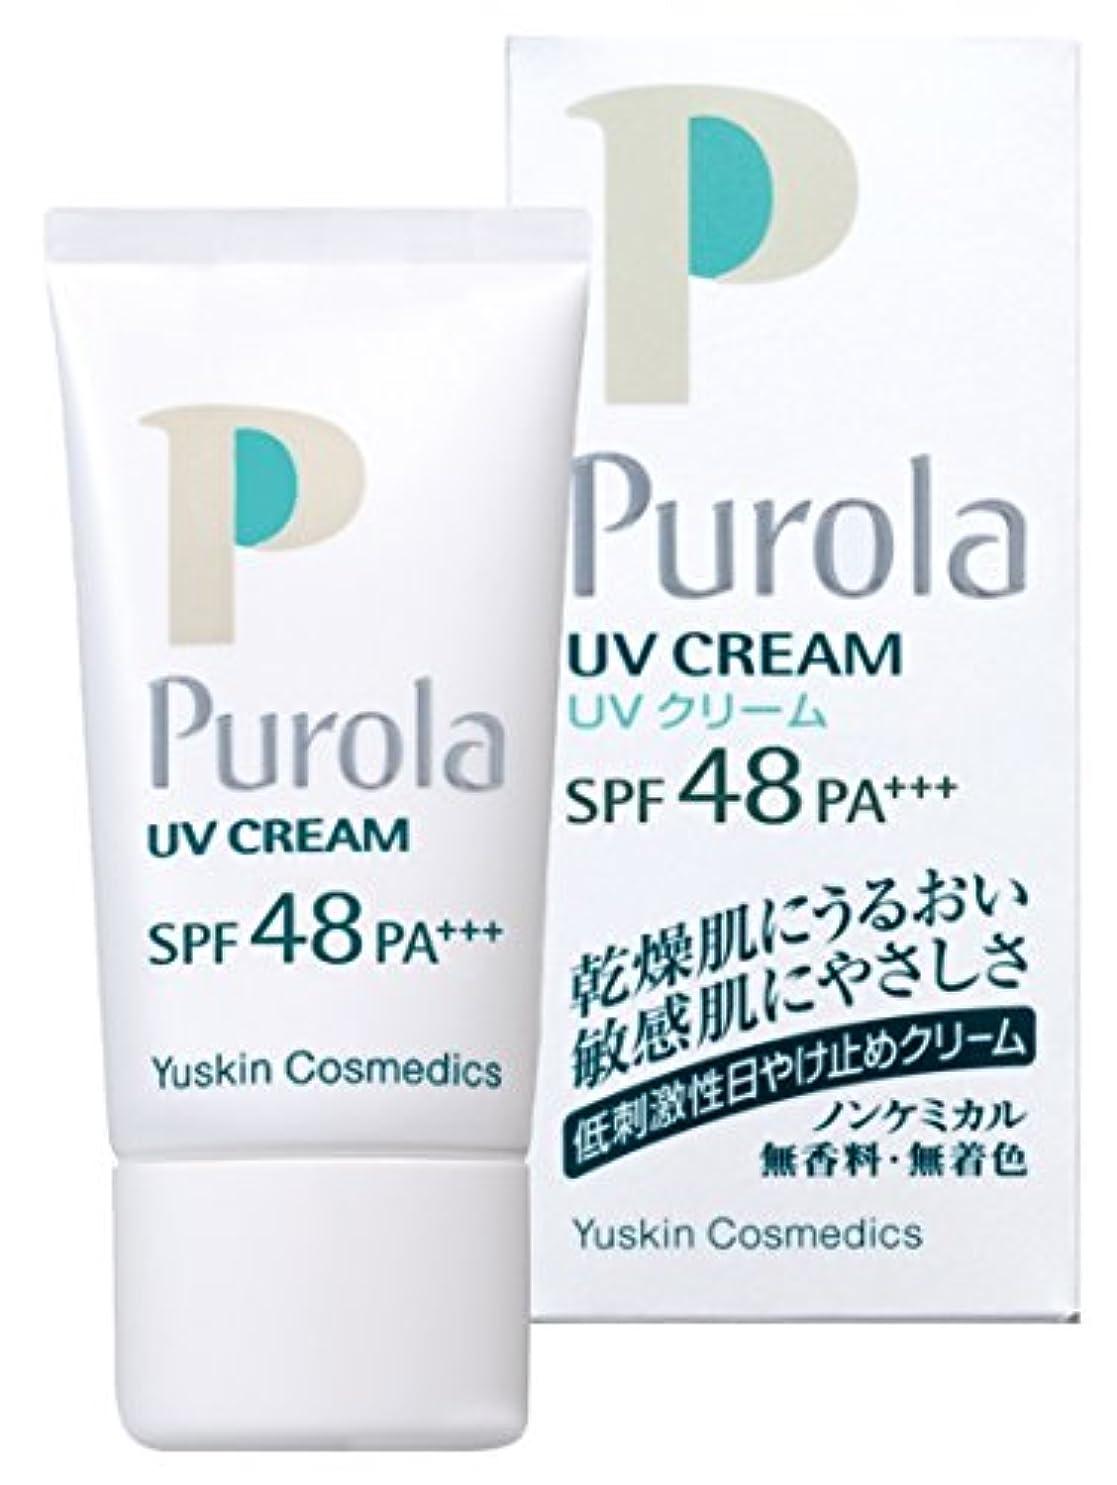 も学ぶマージプローラ UVクリーム 30g SPF48 PA+++ (敏感肌用 日焼け止め)